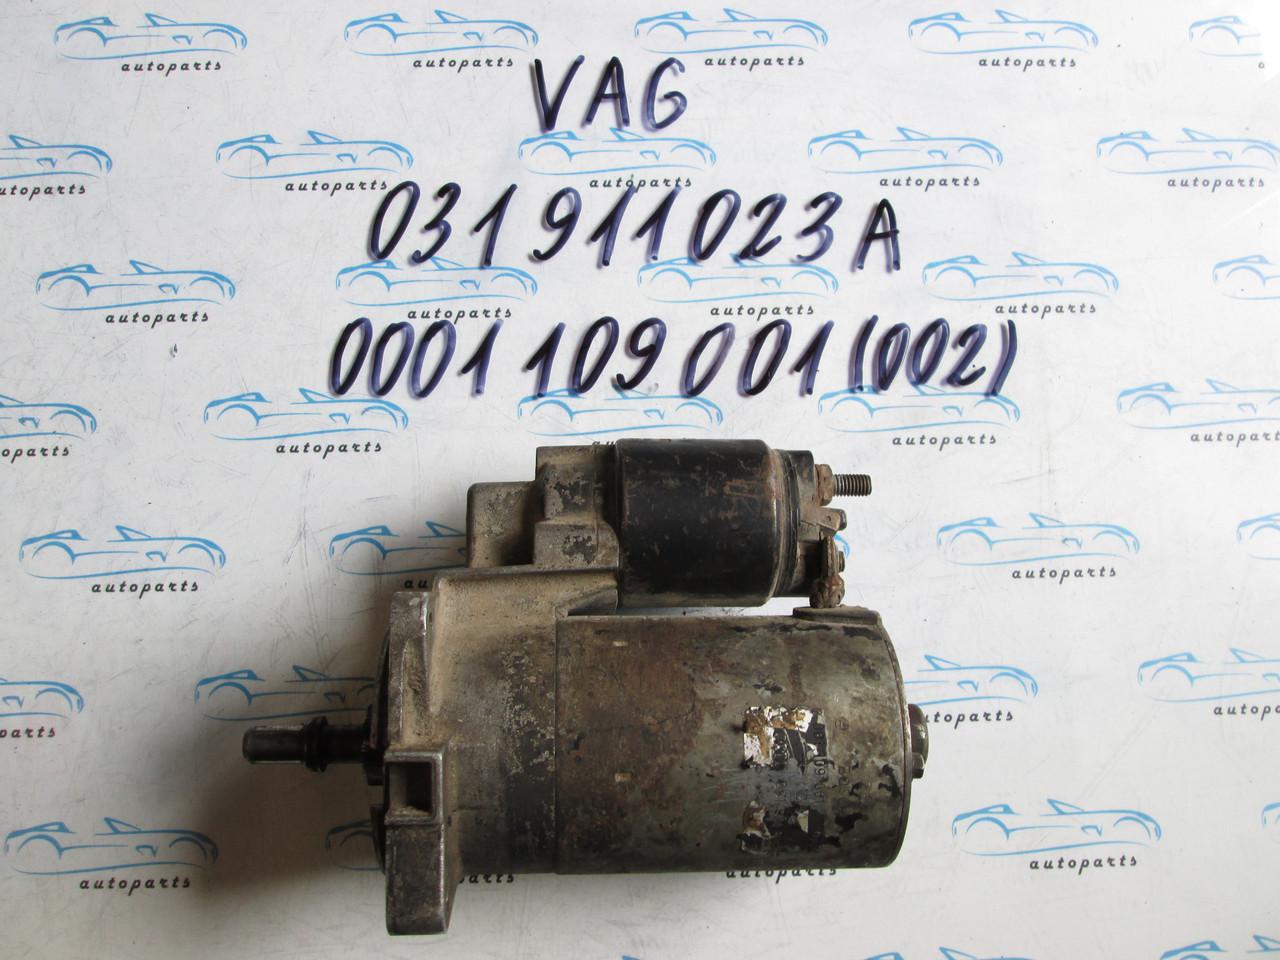 Стартер VAG 031911023A, 0001109001, 0001109002